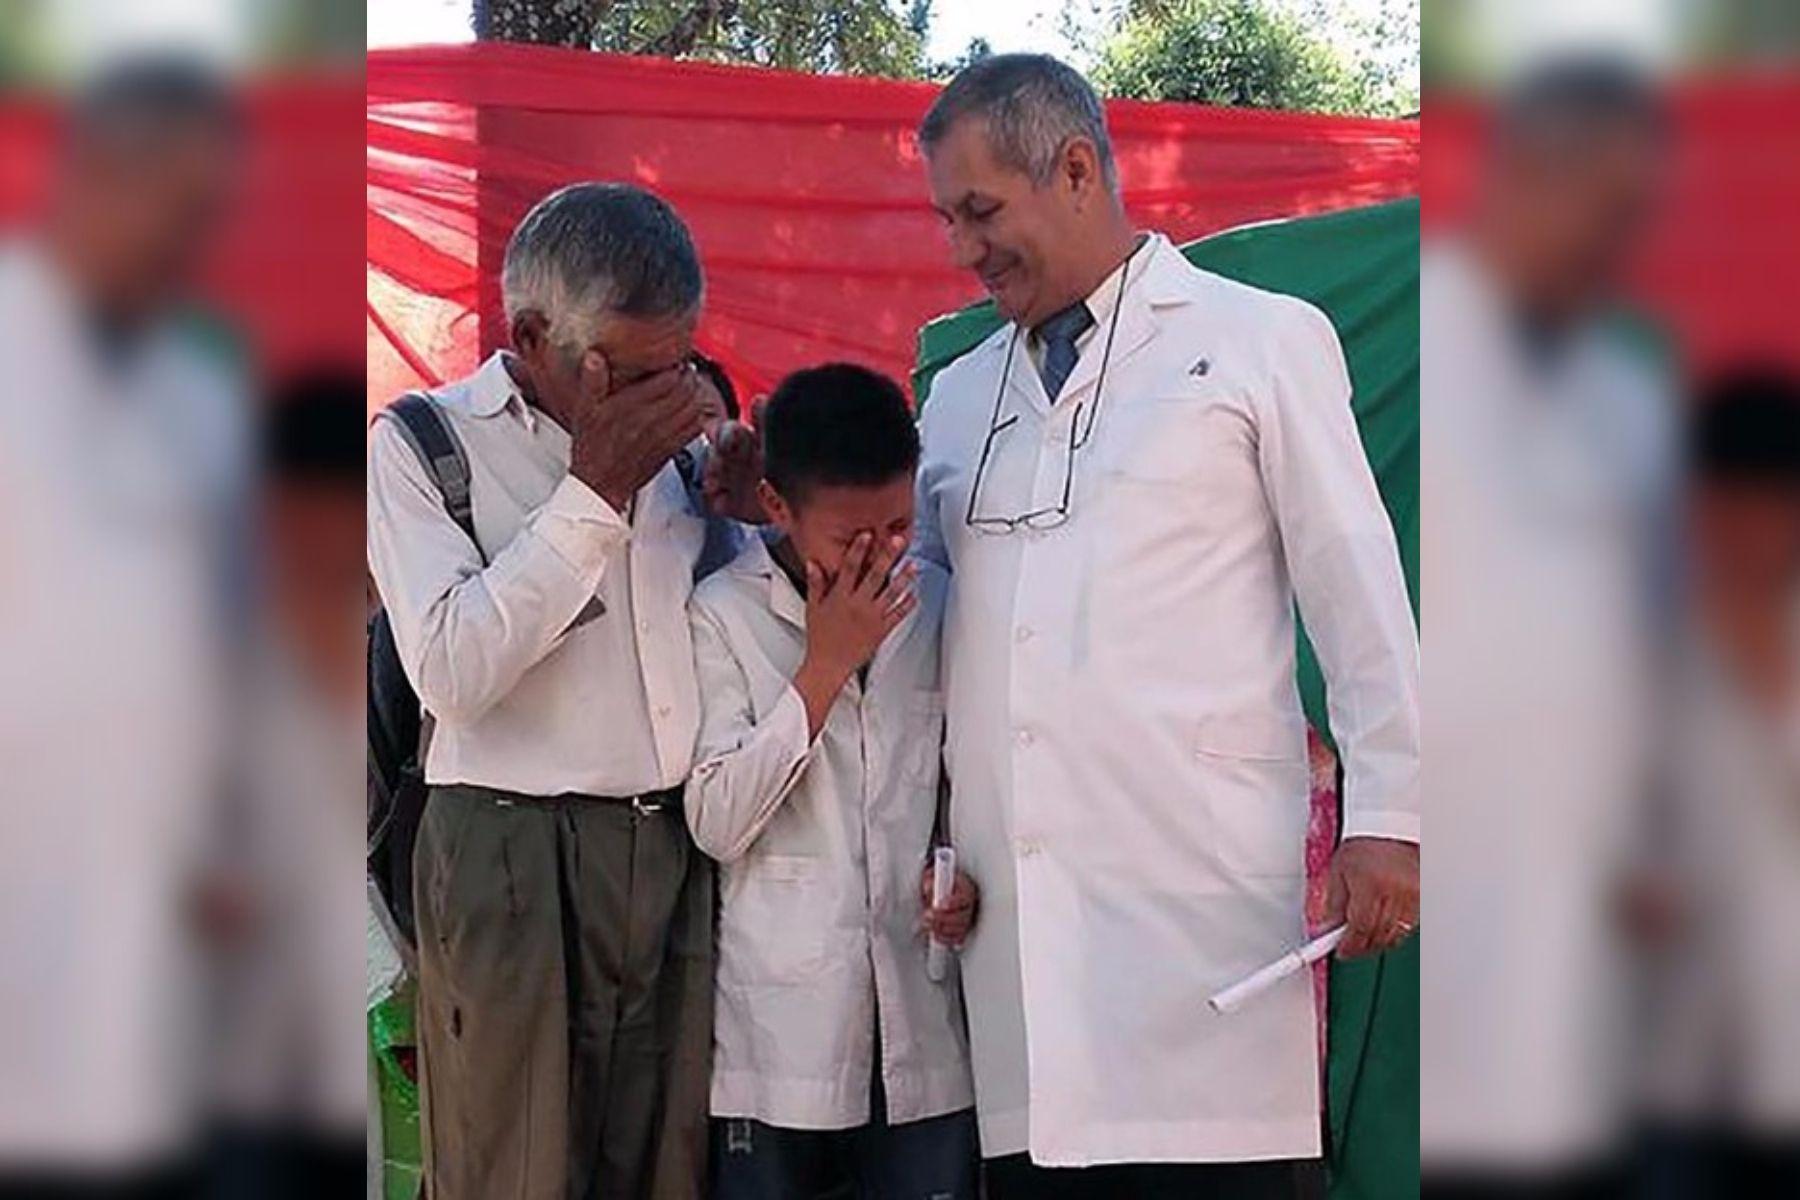 Efraín y su abuelo se emocionaron hace un año al recibir el diploma de honor.